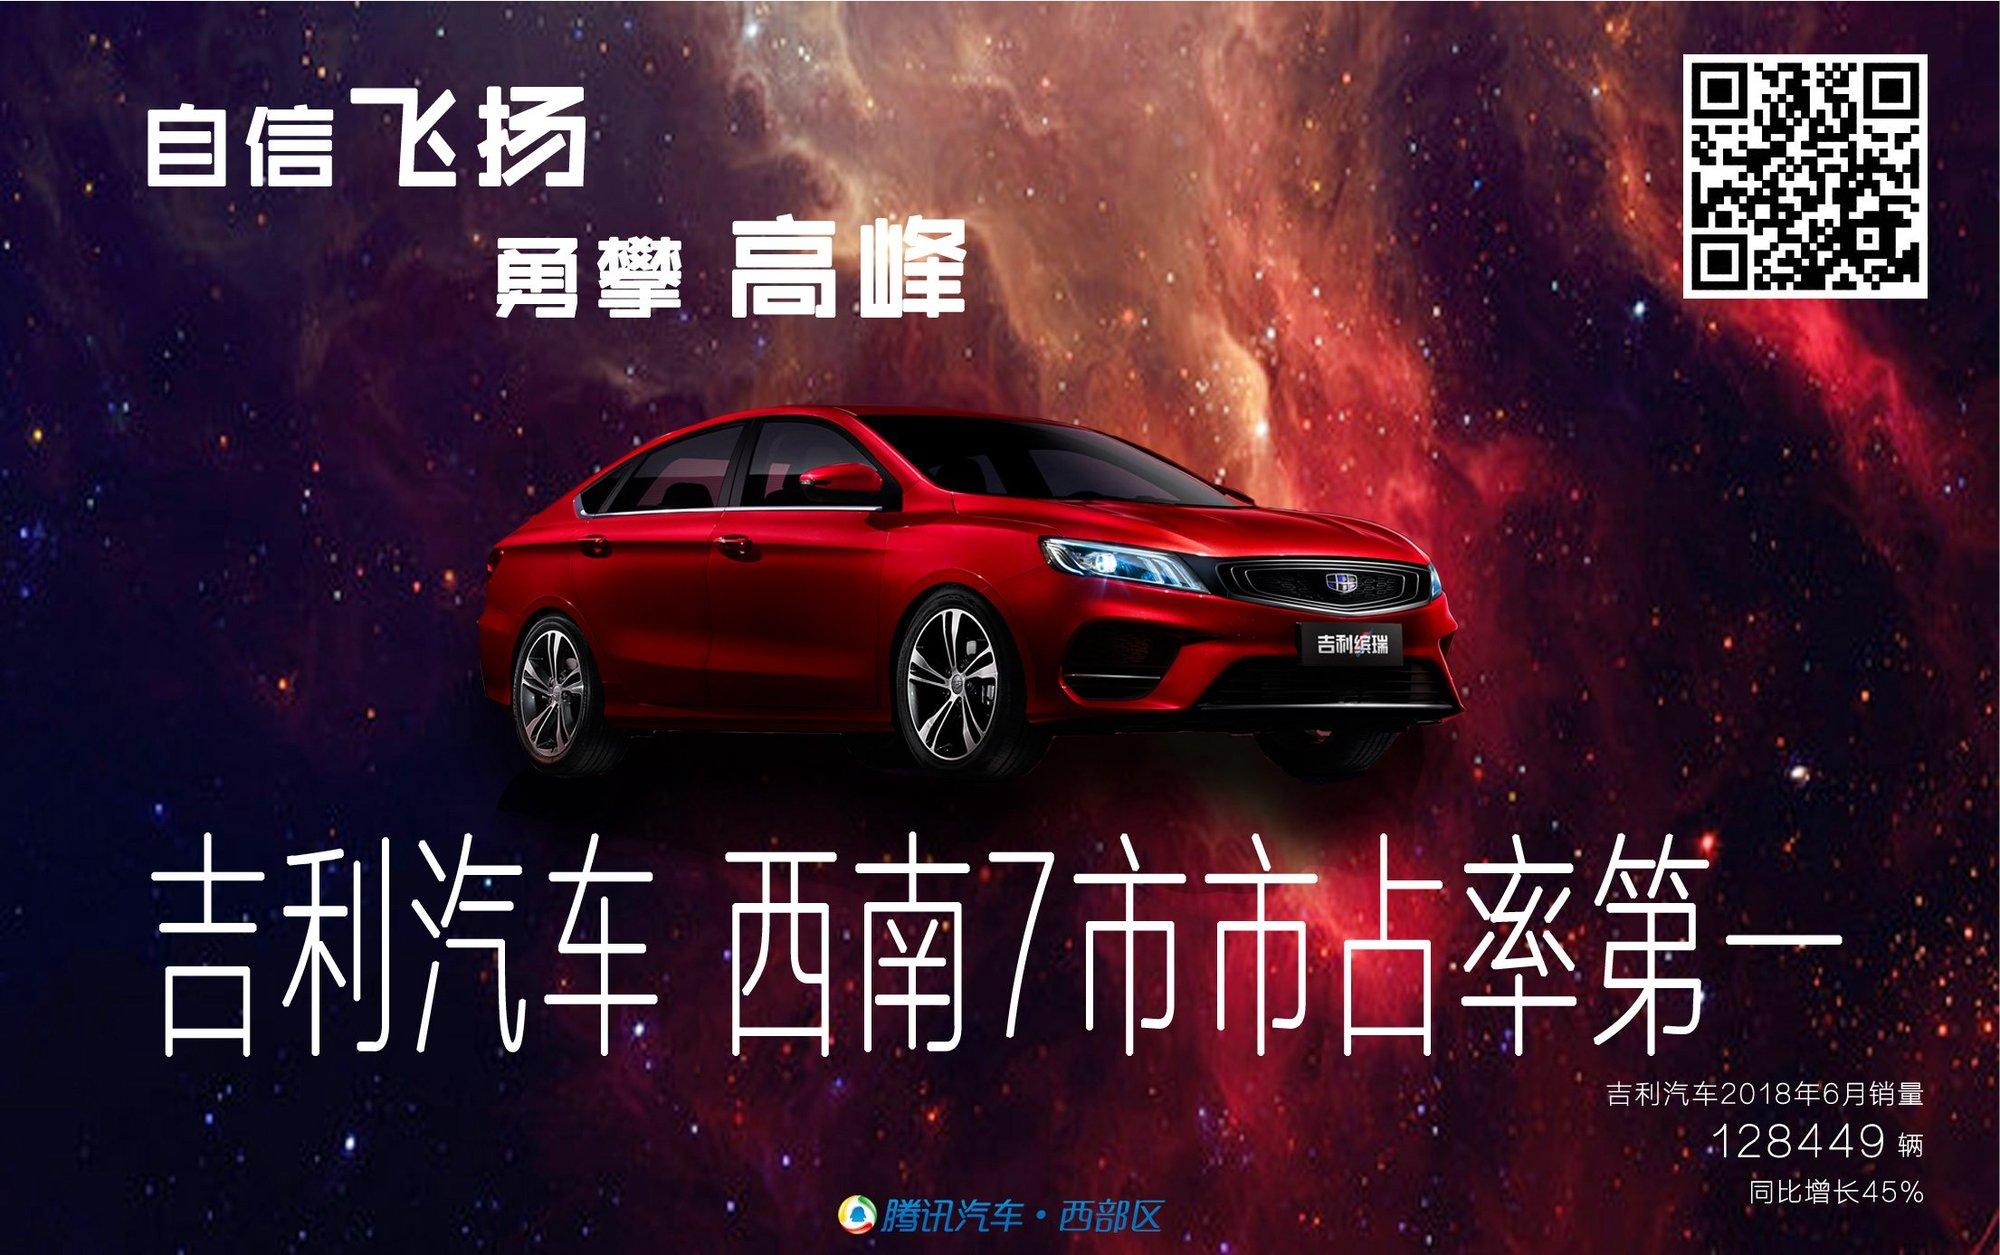 自信飞扬 勇攀高峰 吉利汽车西南7市市占率第一